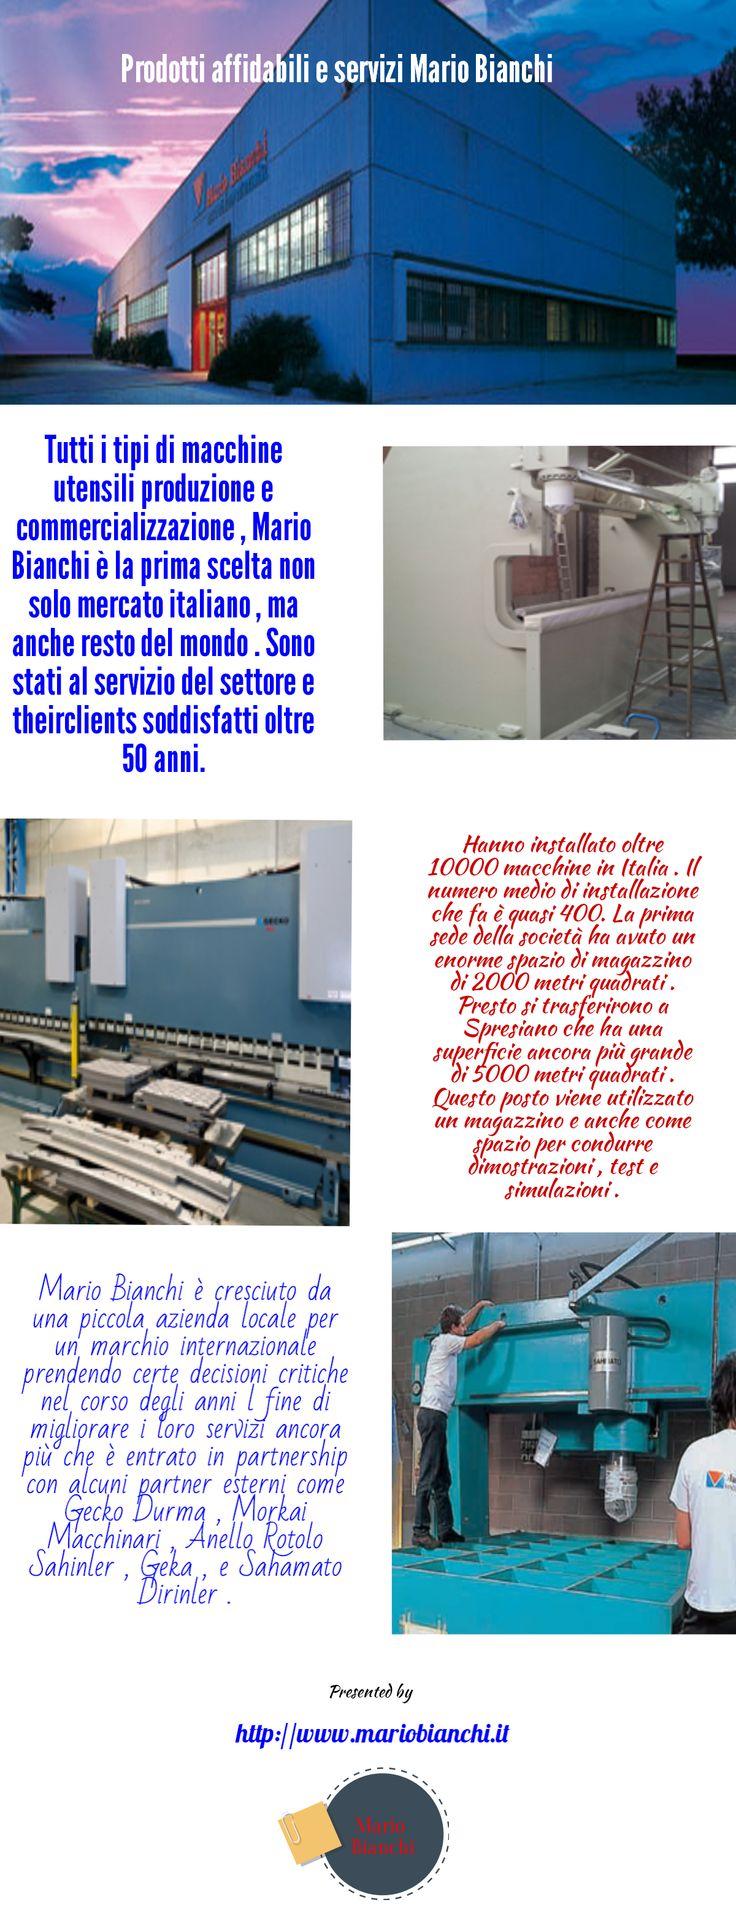 Per tutti i tipi di macchine utensili produzione e commercializzazione , Mario Bianchi è la prima scelta non solo dei mercati locali italiane , ma anche che l'Europa e l'Asia . Essi hanno operato nel settore e soddisfatti vari clienti per lunghi 50 anni. Fino a oggi hanno installato più di 10000 macchine in Italia .